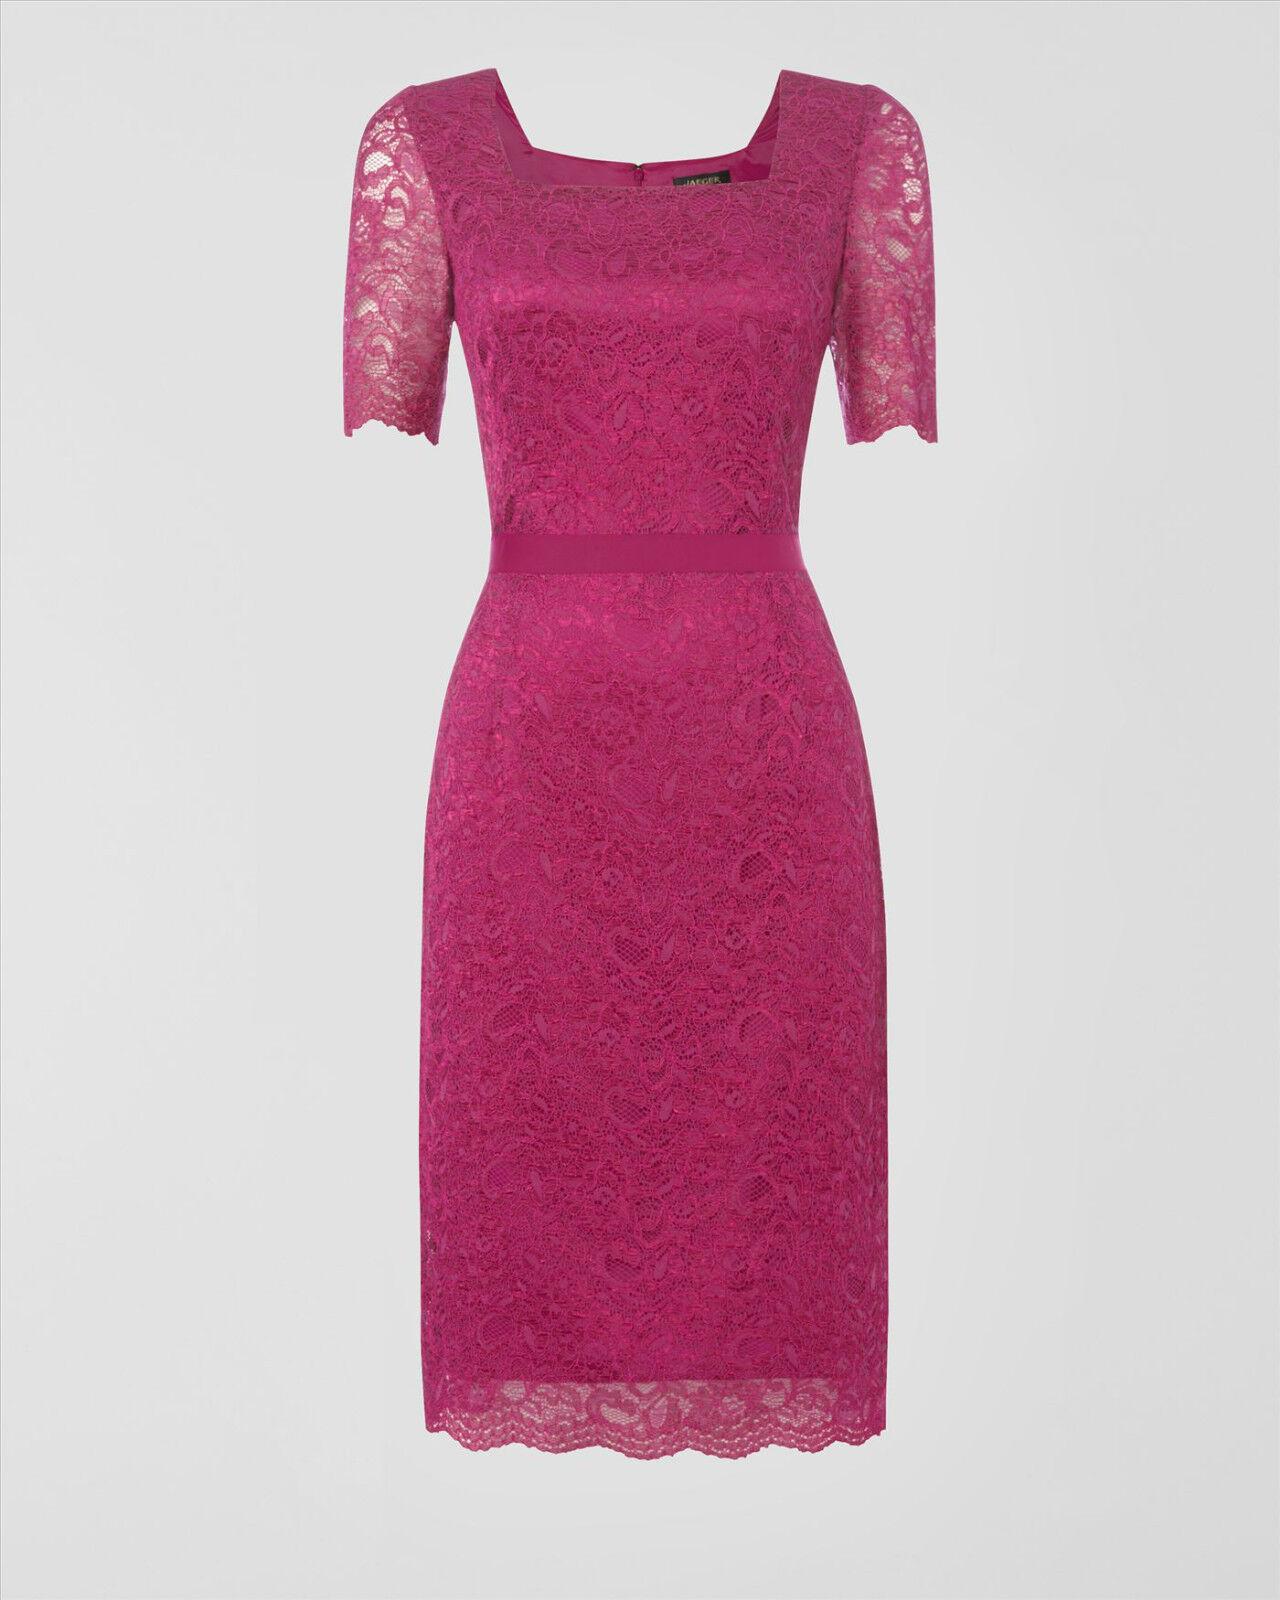 Jaeger Purple Lace Dress Size 14 RRP